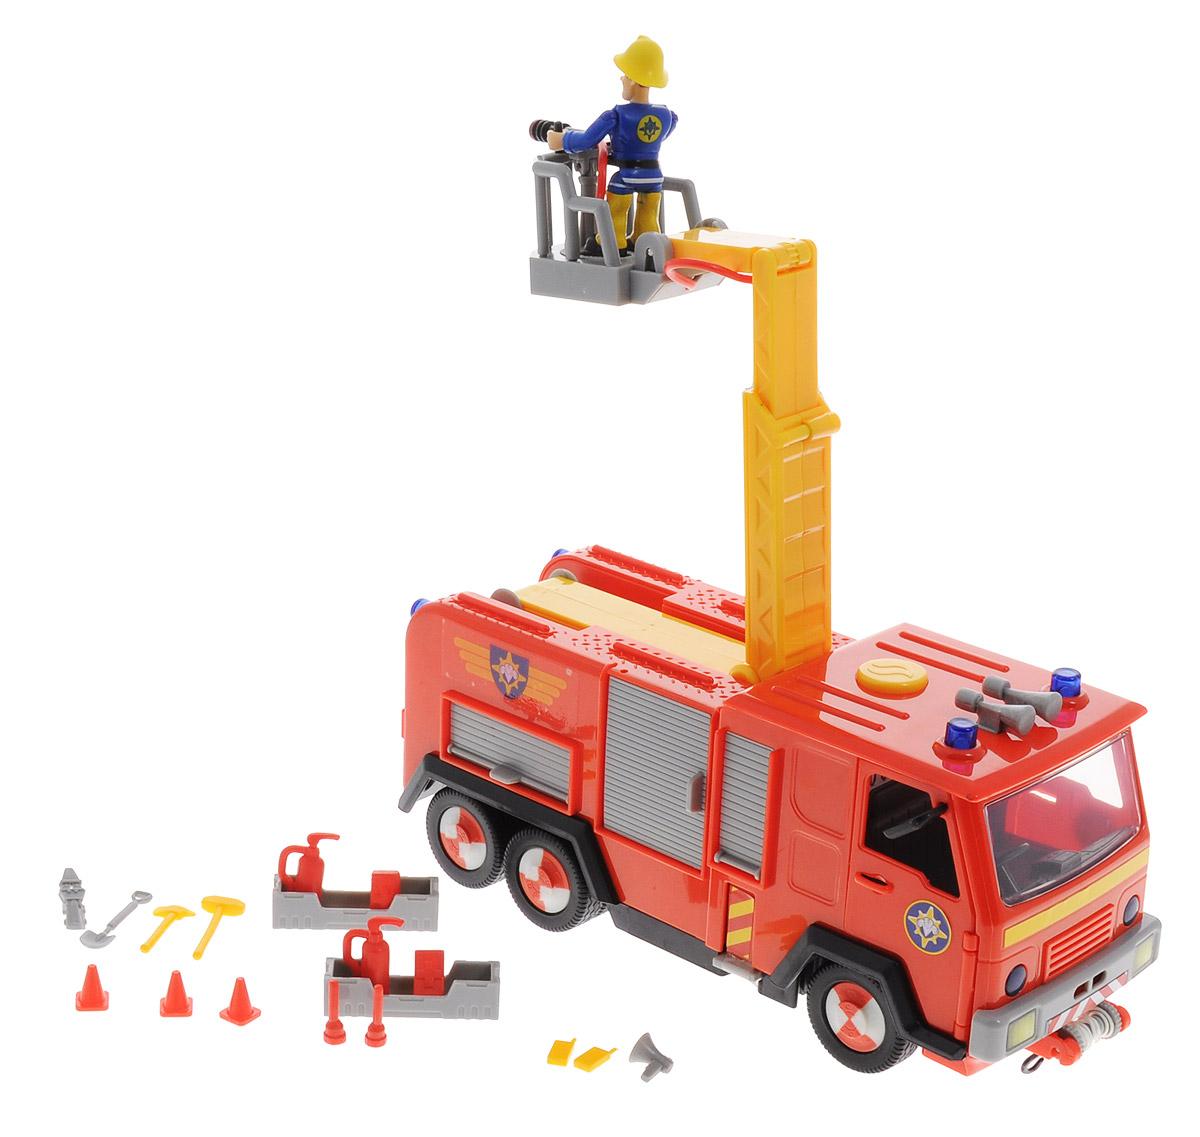 Simba Машинка Пожарный Сэм9251063Машинка Simba - главная пожарная машина из мультфильма Пожарный Сэм. Звук сирены и свет мигалок включаются нажатием одной кнопки. На подъемном механизме установлена водяная пушка, которая брызгает настоящей водой (вода заливается в специальный отсек). У машины открываются двери кабины и дверцы шкафчиков, в которых лежит пожарный инвентарь. Спереди машина оснащена лебедкой с крюком. В комплект входят фигурка пожарного Сэма и множество аксессуаров. С такой машиной день будет наполнен увлекательными и одновременно познавательными играми. Рекомендуется докупить 2 батарейки напряжением 1,5V типа АА (товар комплектуется демонстрационными).